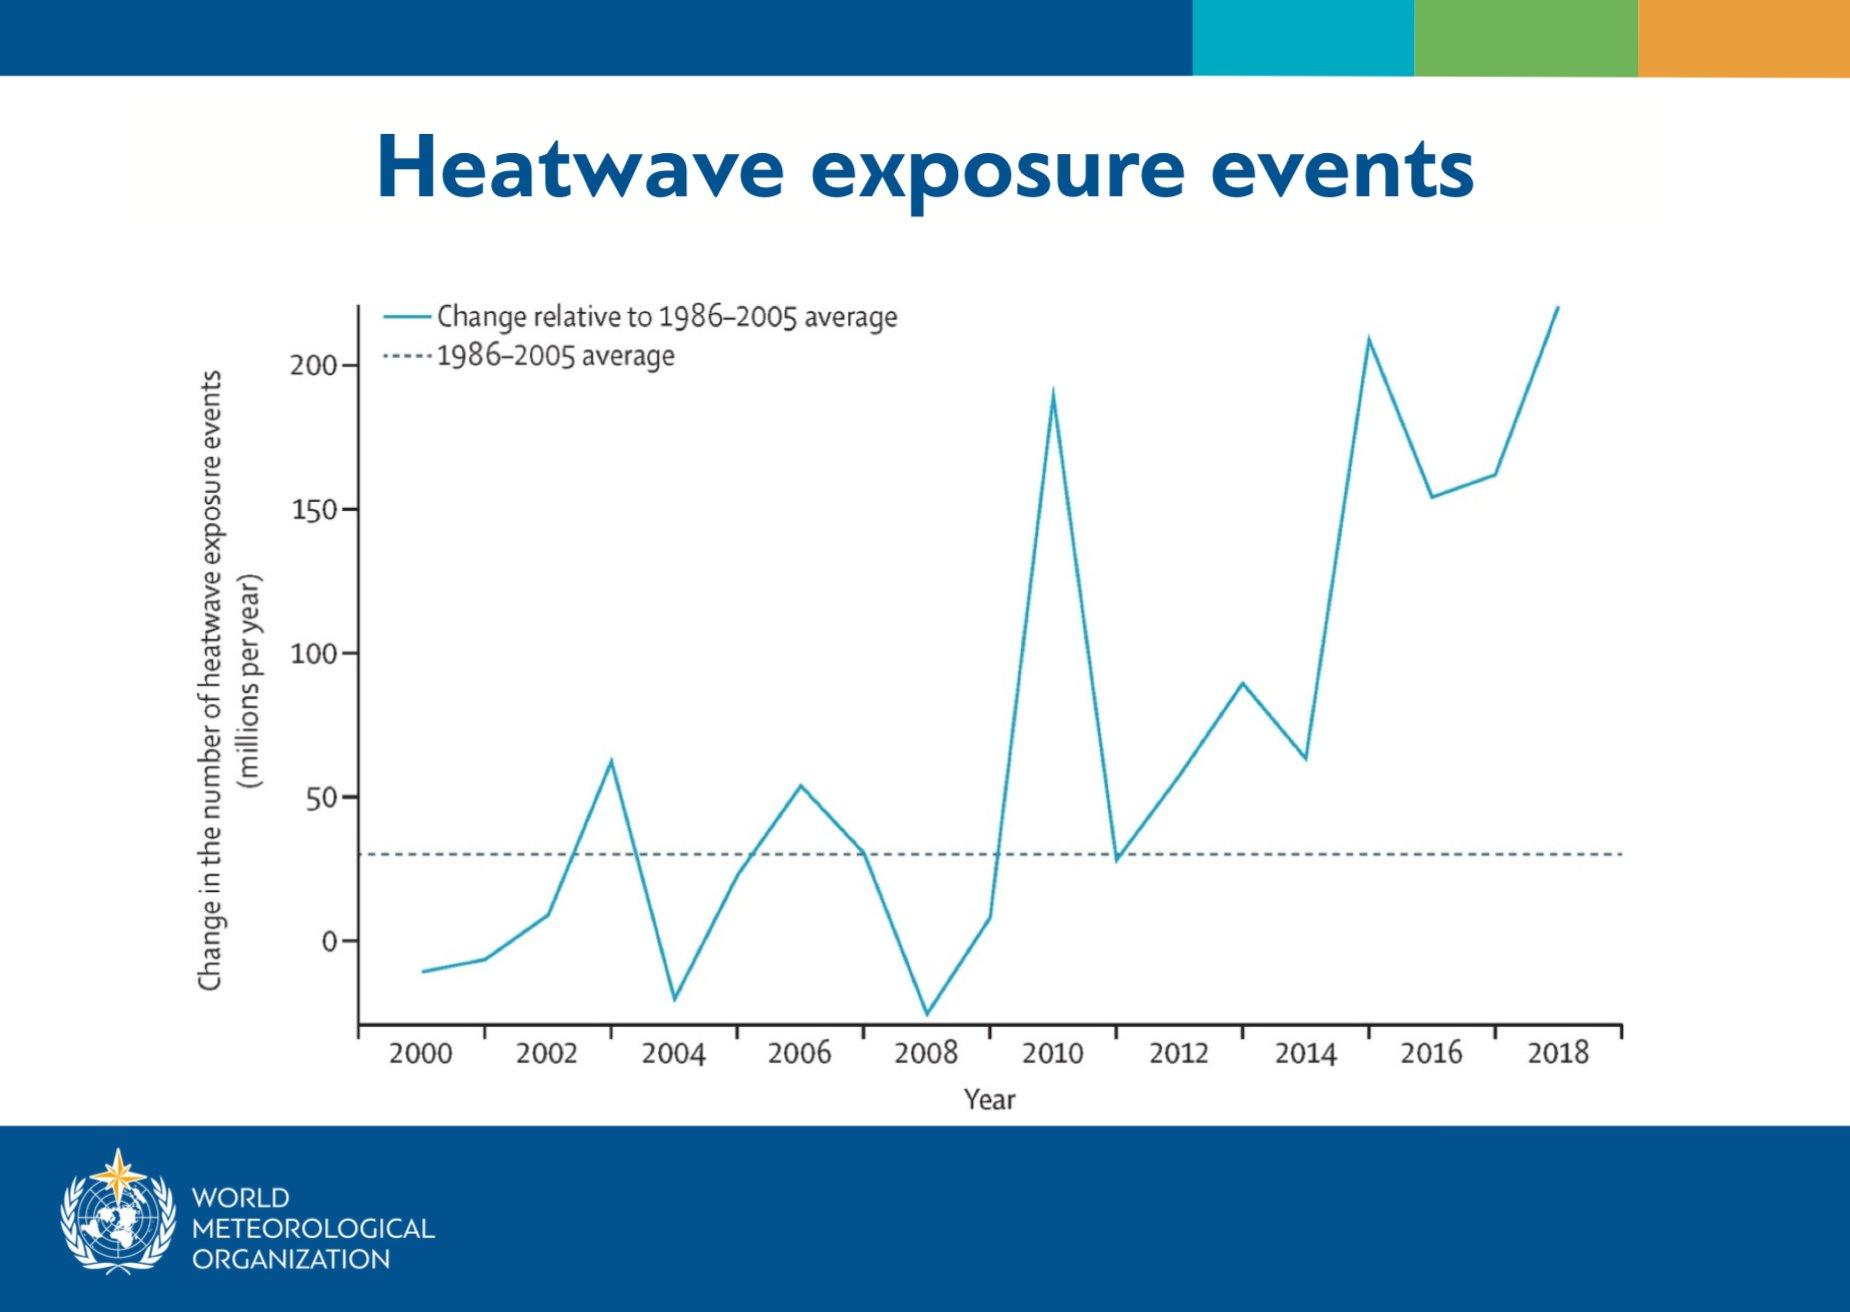 As mudanças climáticas estão intensificado os eventos climáticos extremos, como as ondas de calor